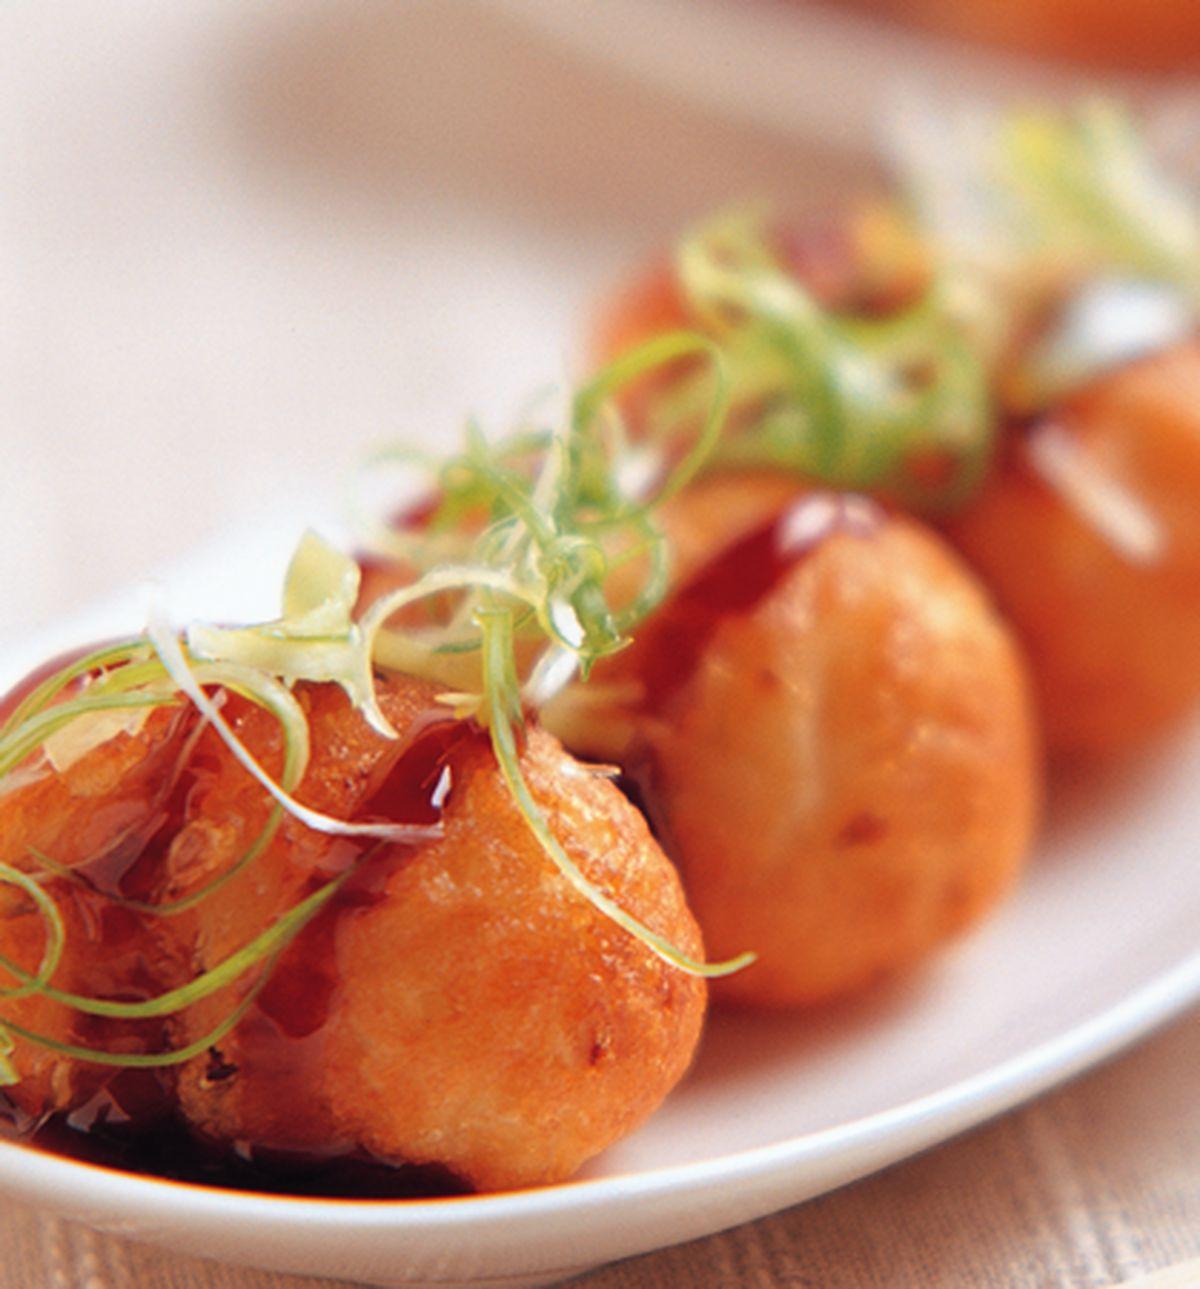 食譜:芝麻蔥香章魚燒